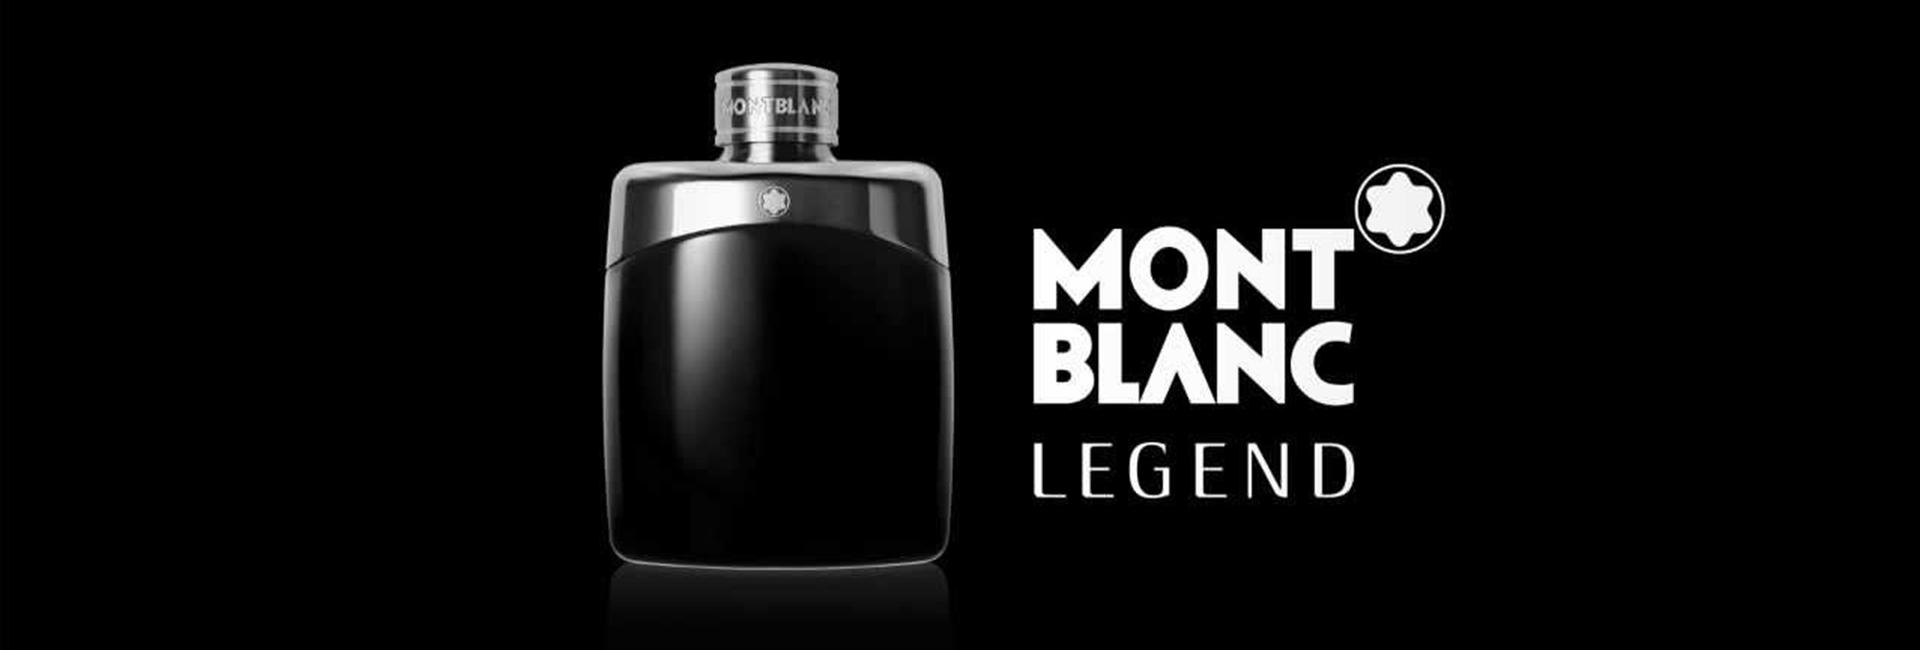 Un héritage, une légende, un parfum (Concours)